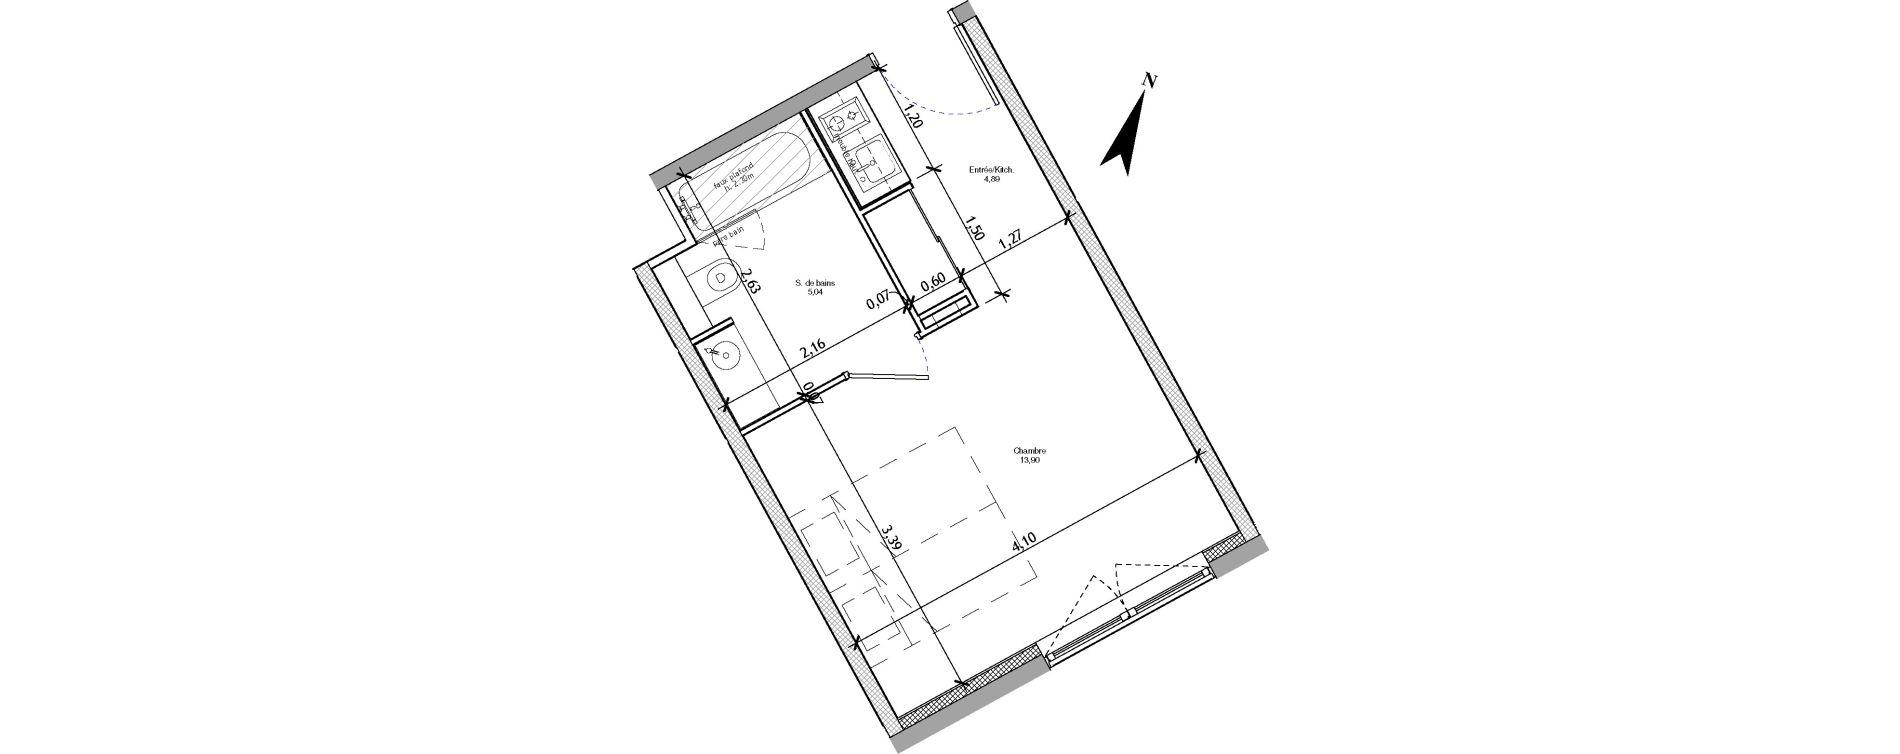 Appartement T1 meublé de 23,83 m2 à Angers La fayette-eble